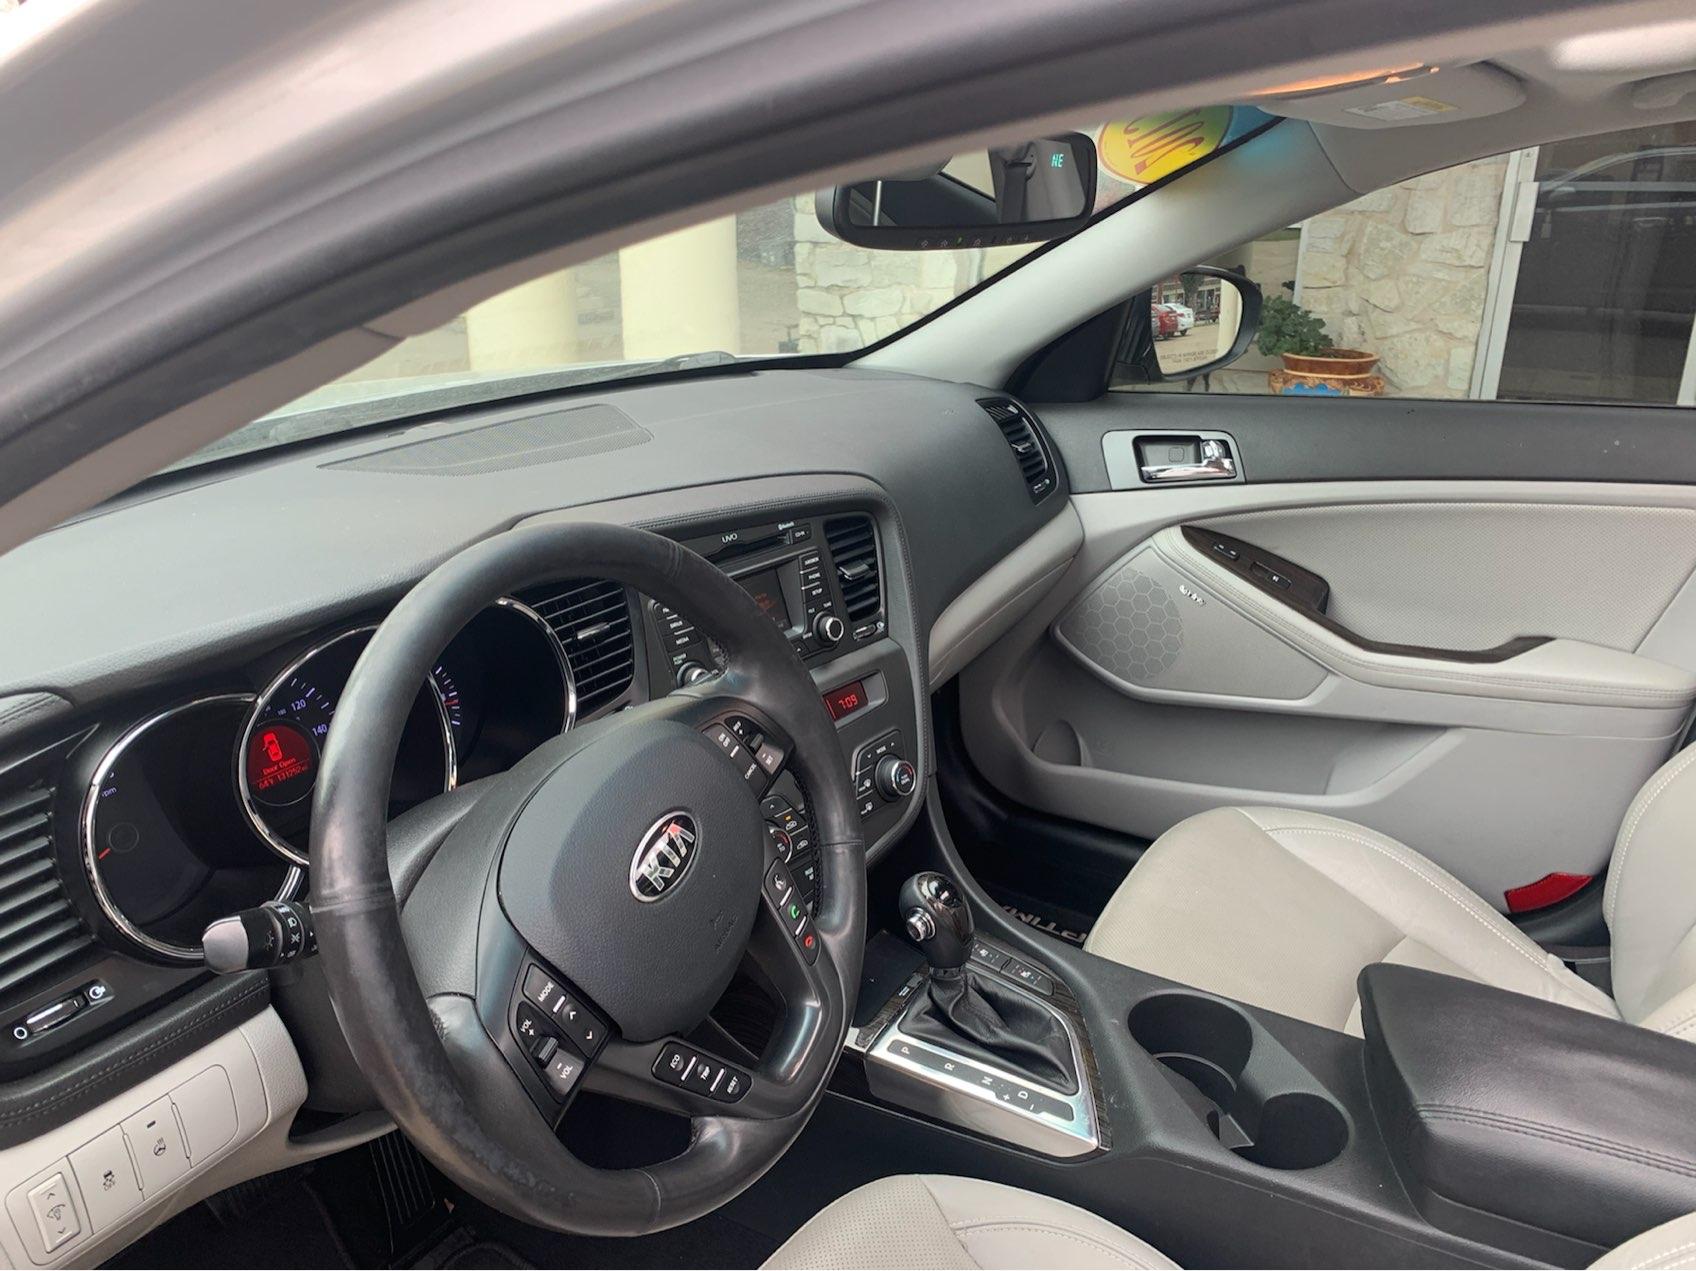 used vehicle - Sedan KIA OPTIMA 2013